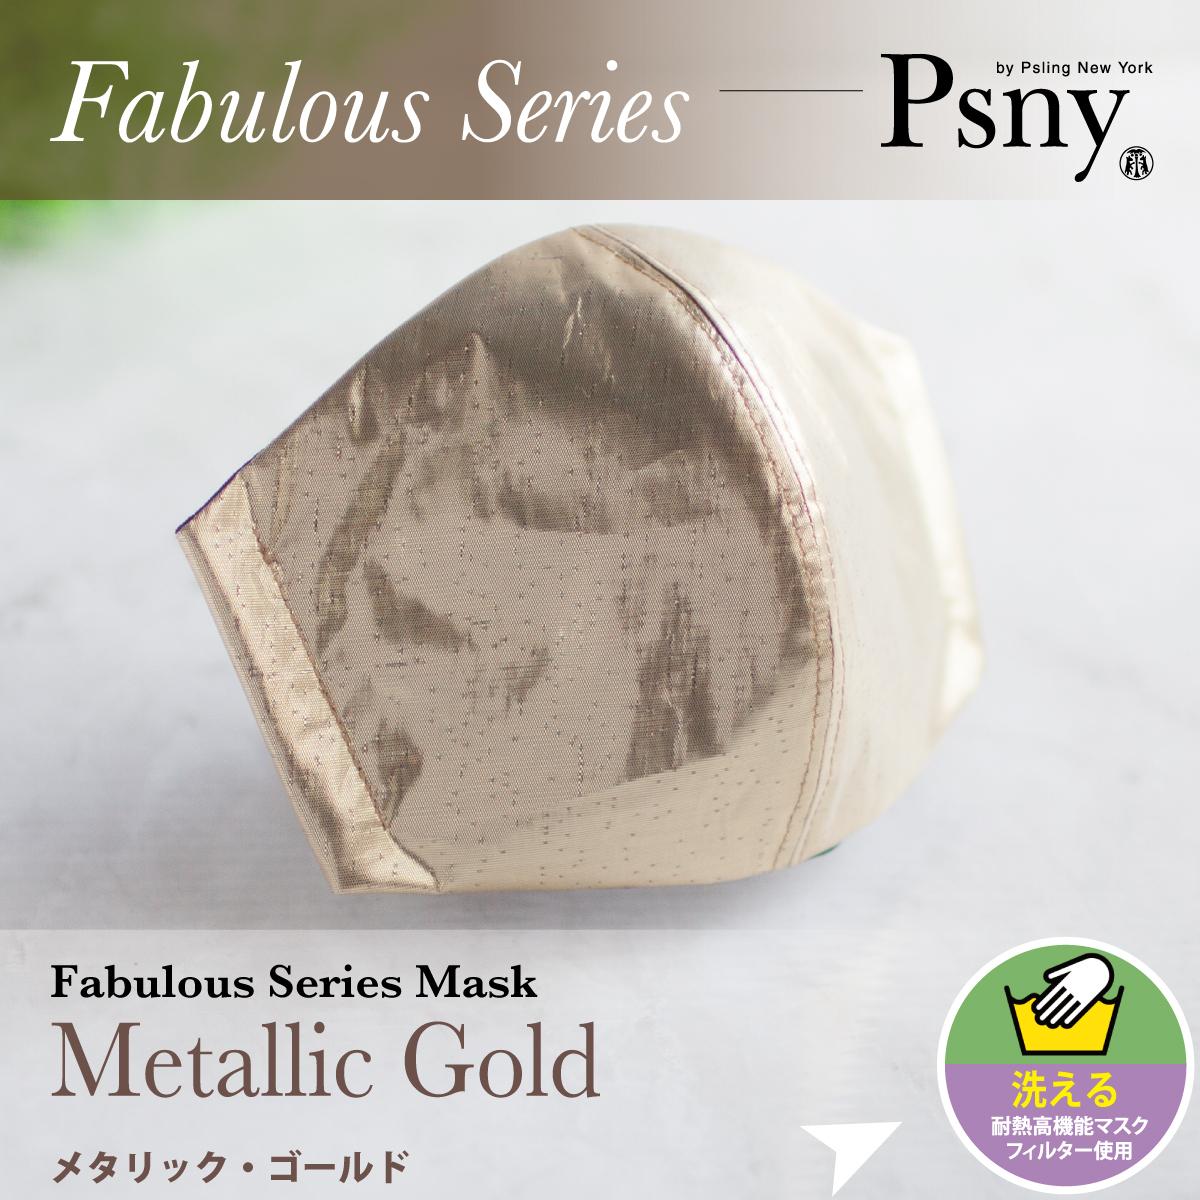 PSNY ファビュラス・ゴールド・オーガンジー 花粉 黄砂 洗えるフィルター入り 立体 マスク 大人用 送料無料